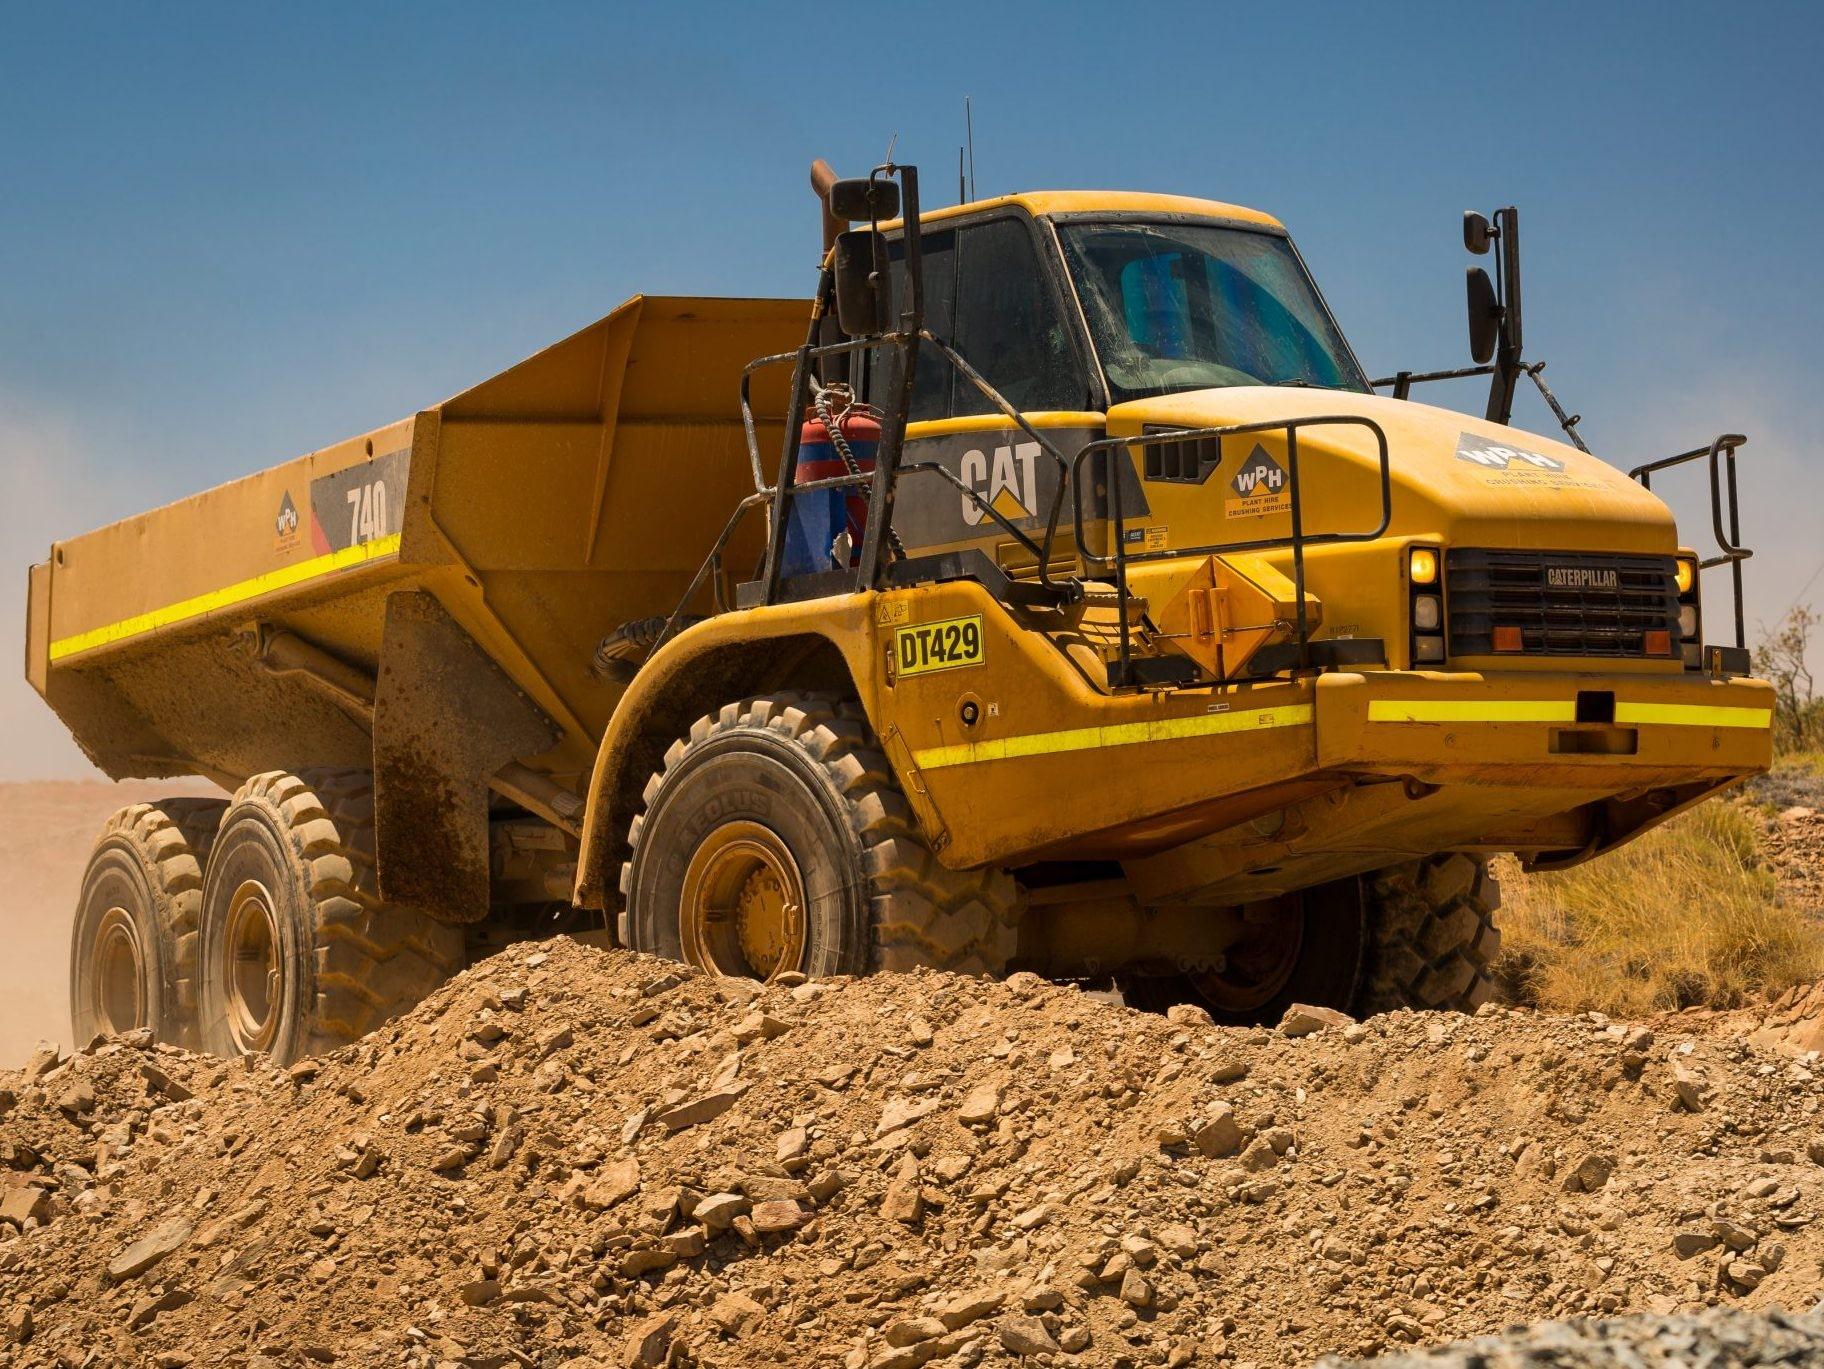 Caterpillar 740B Articulated Dump Truck - For Hire